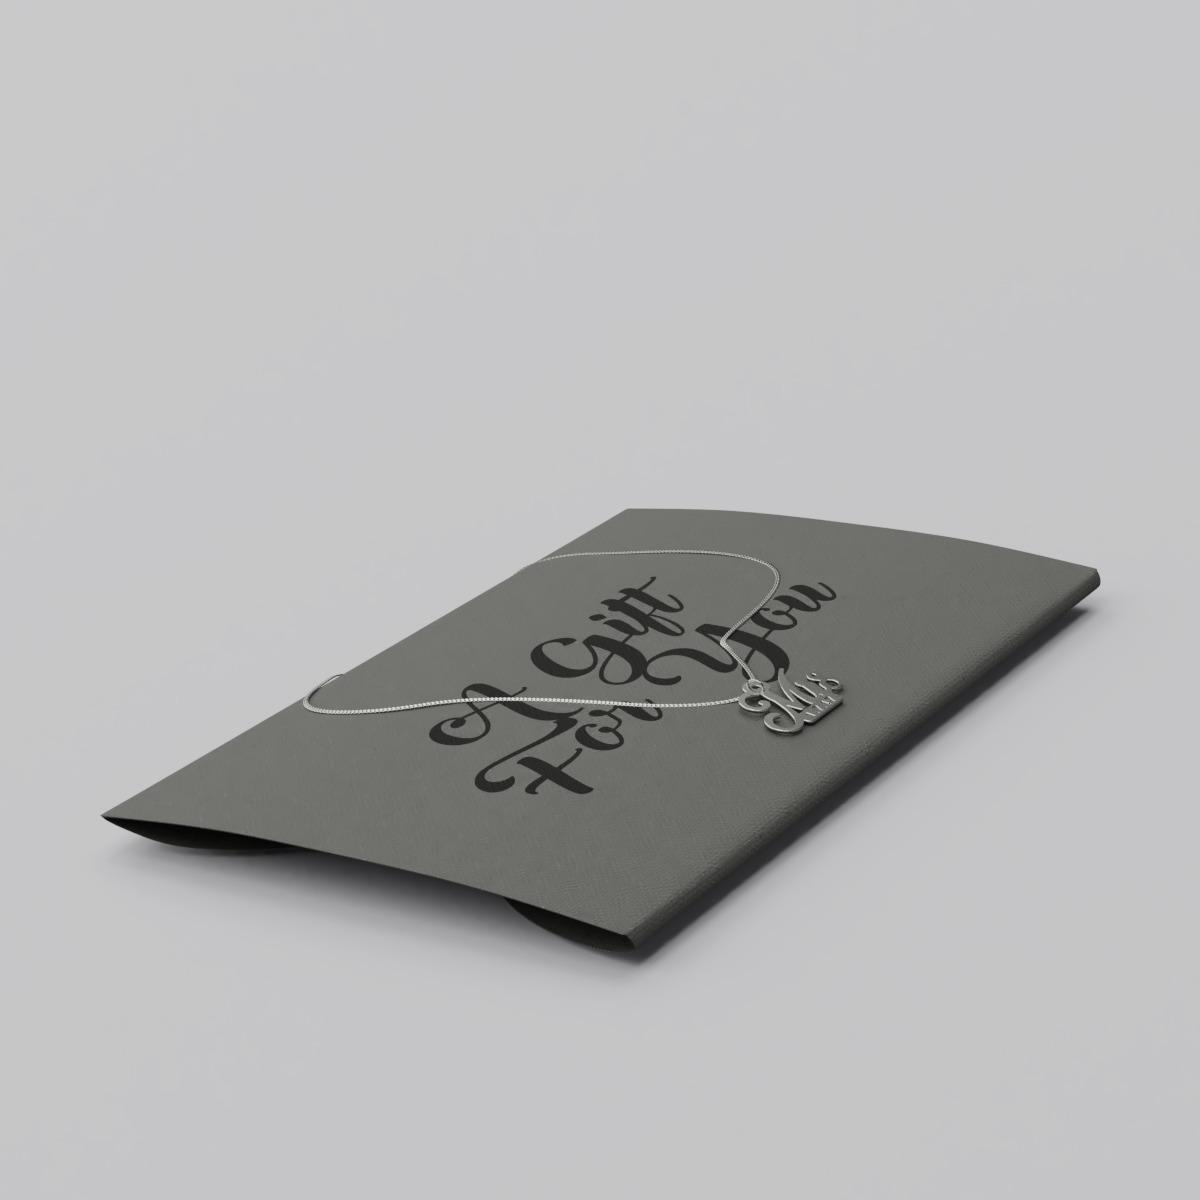 Pendant packaging